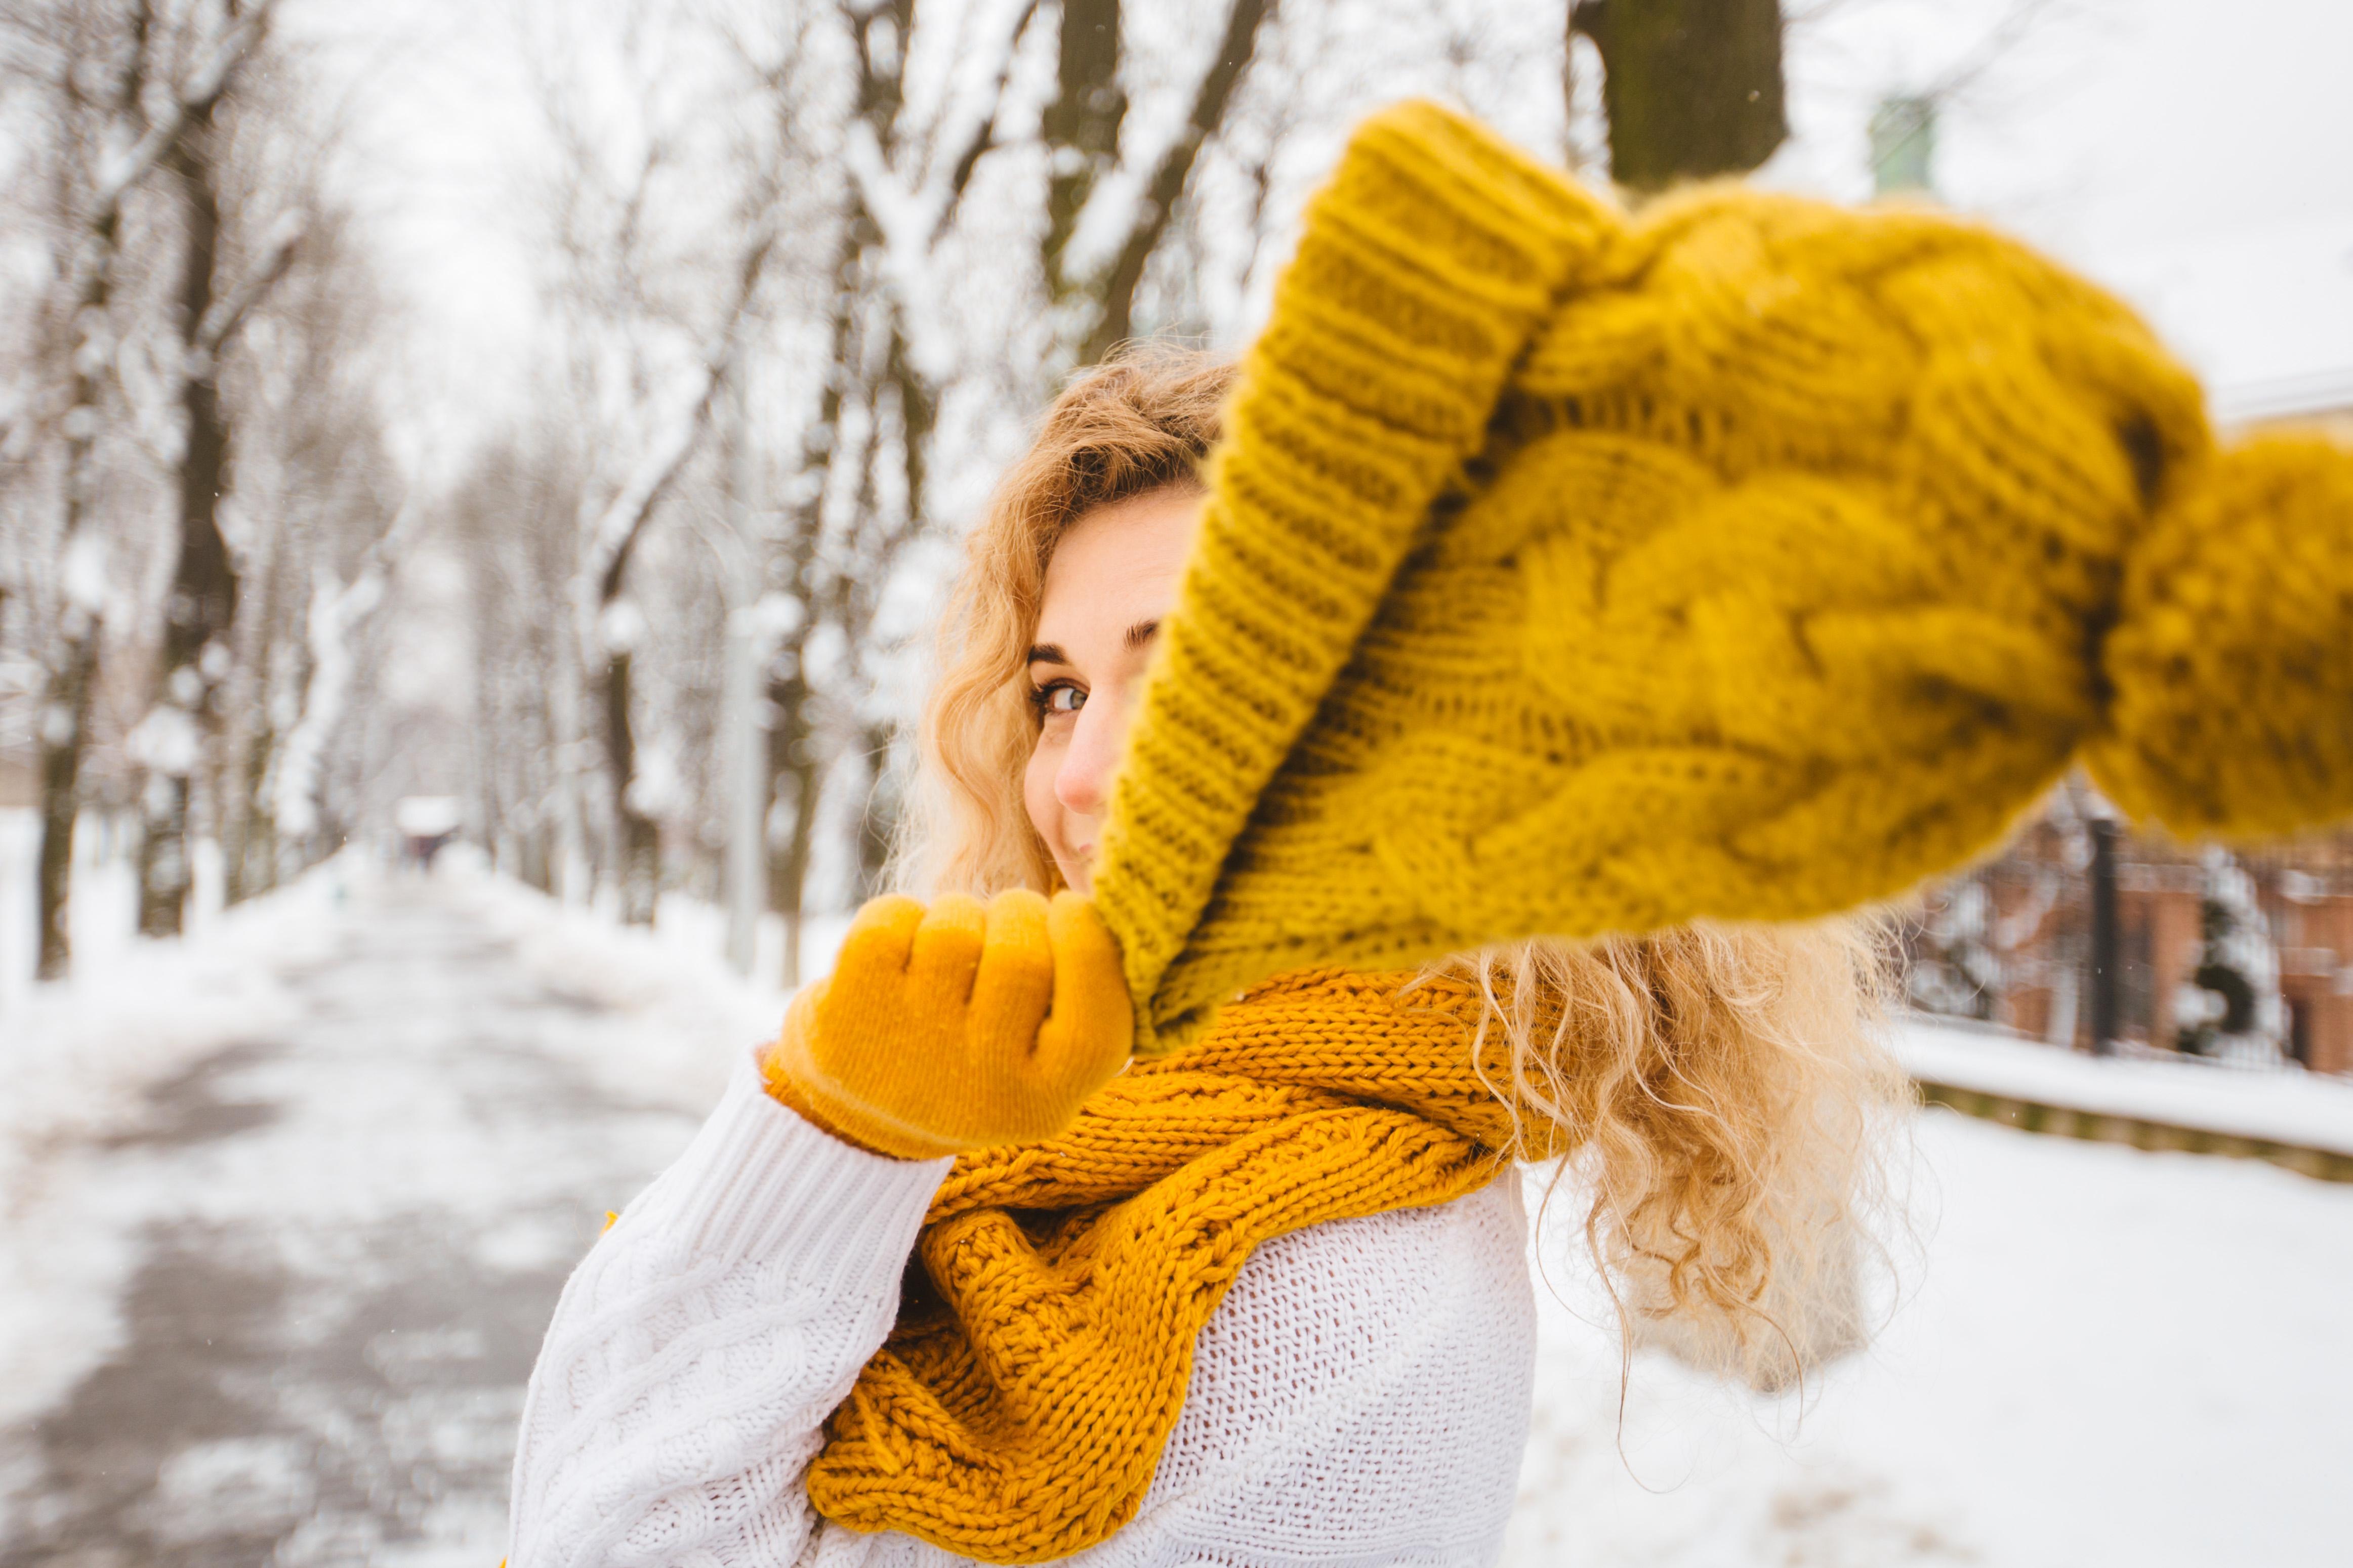 Hundratusentals svenska kvinnor och män lider av inkontinens. Många skäms och lider i det tysta, men det finns hjälp att få.